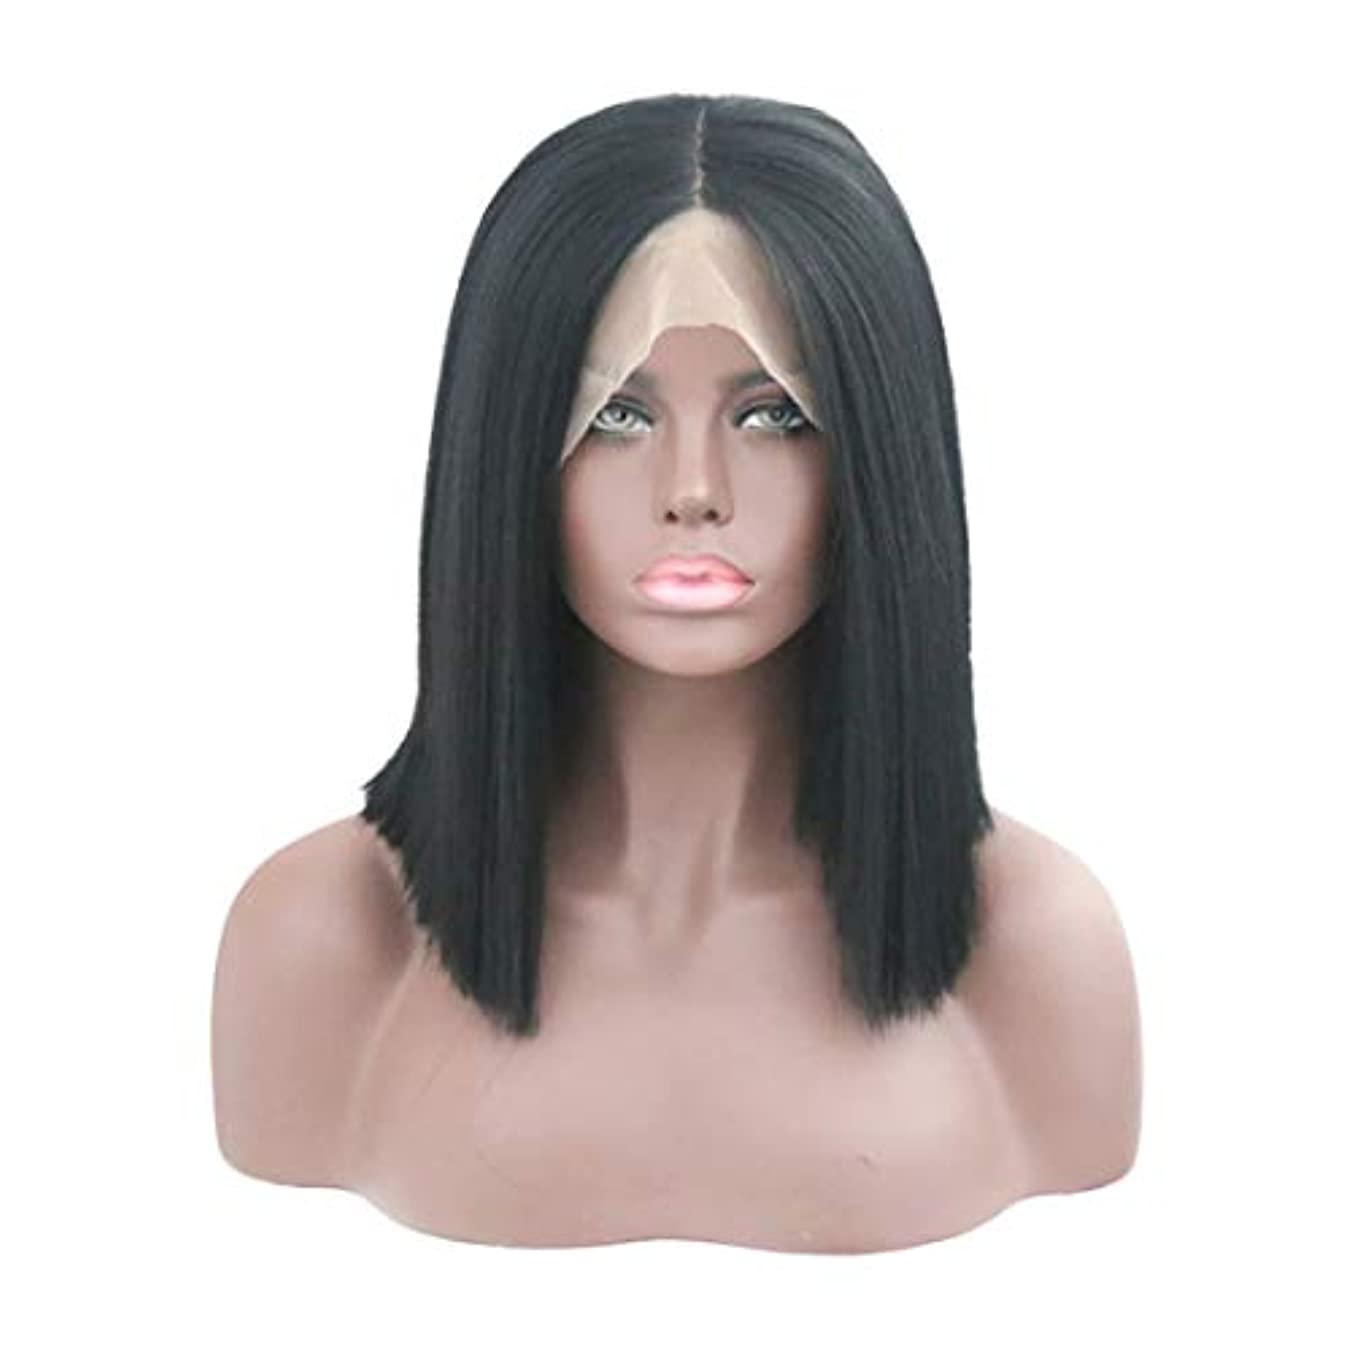 鉛筆エンジニア人気のKerwinner ボブヘアかつら本物の髪として自然な女性のためのストレート合成ブラックウィッグ